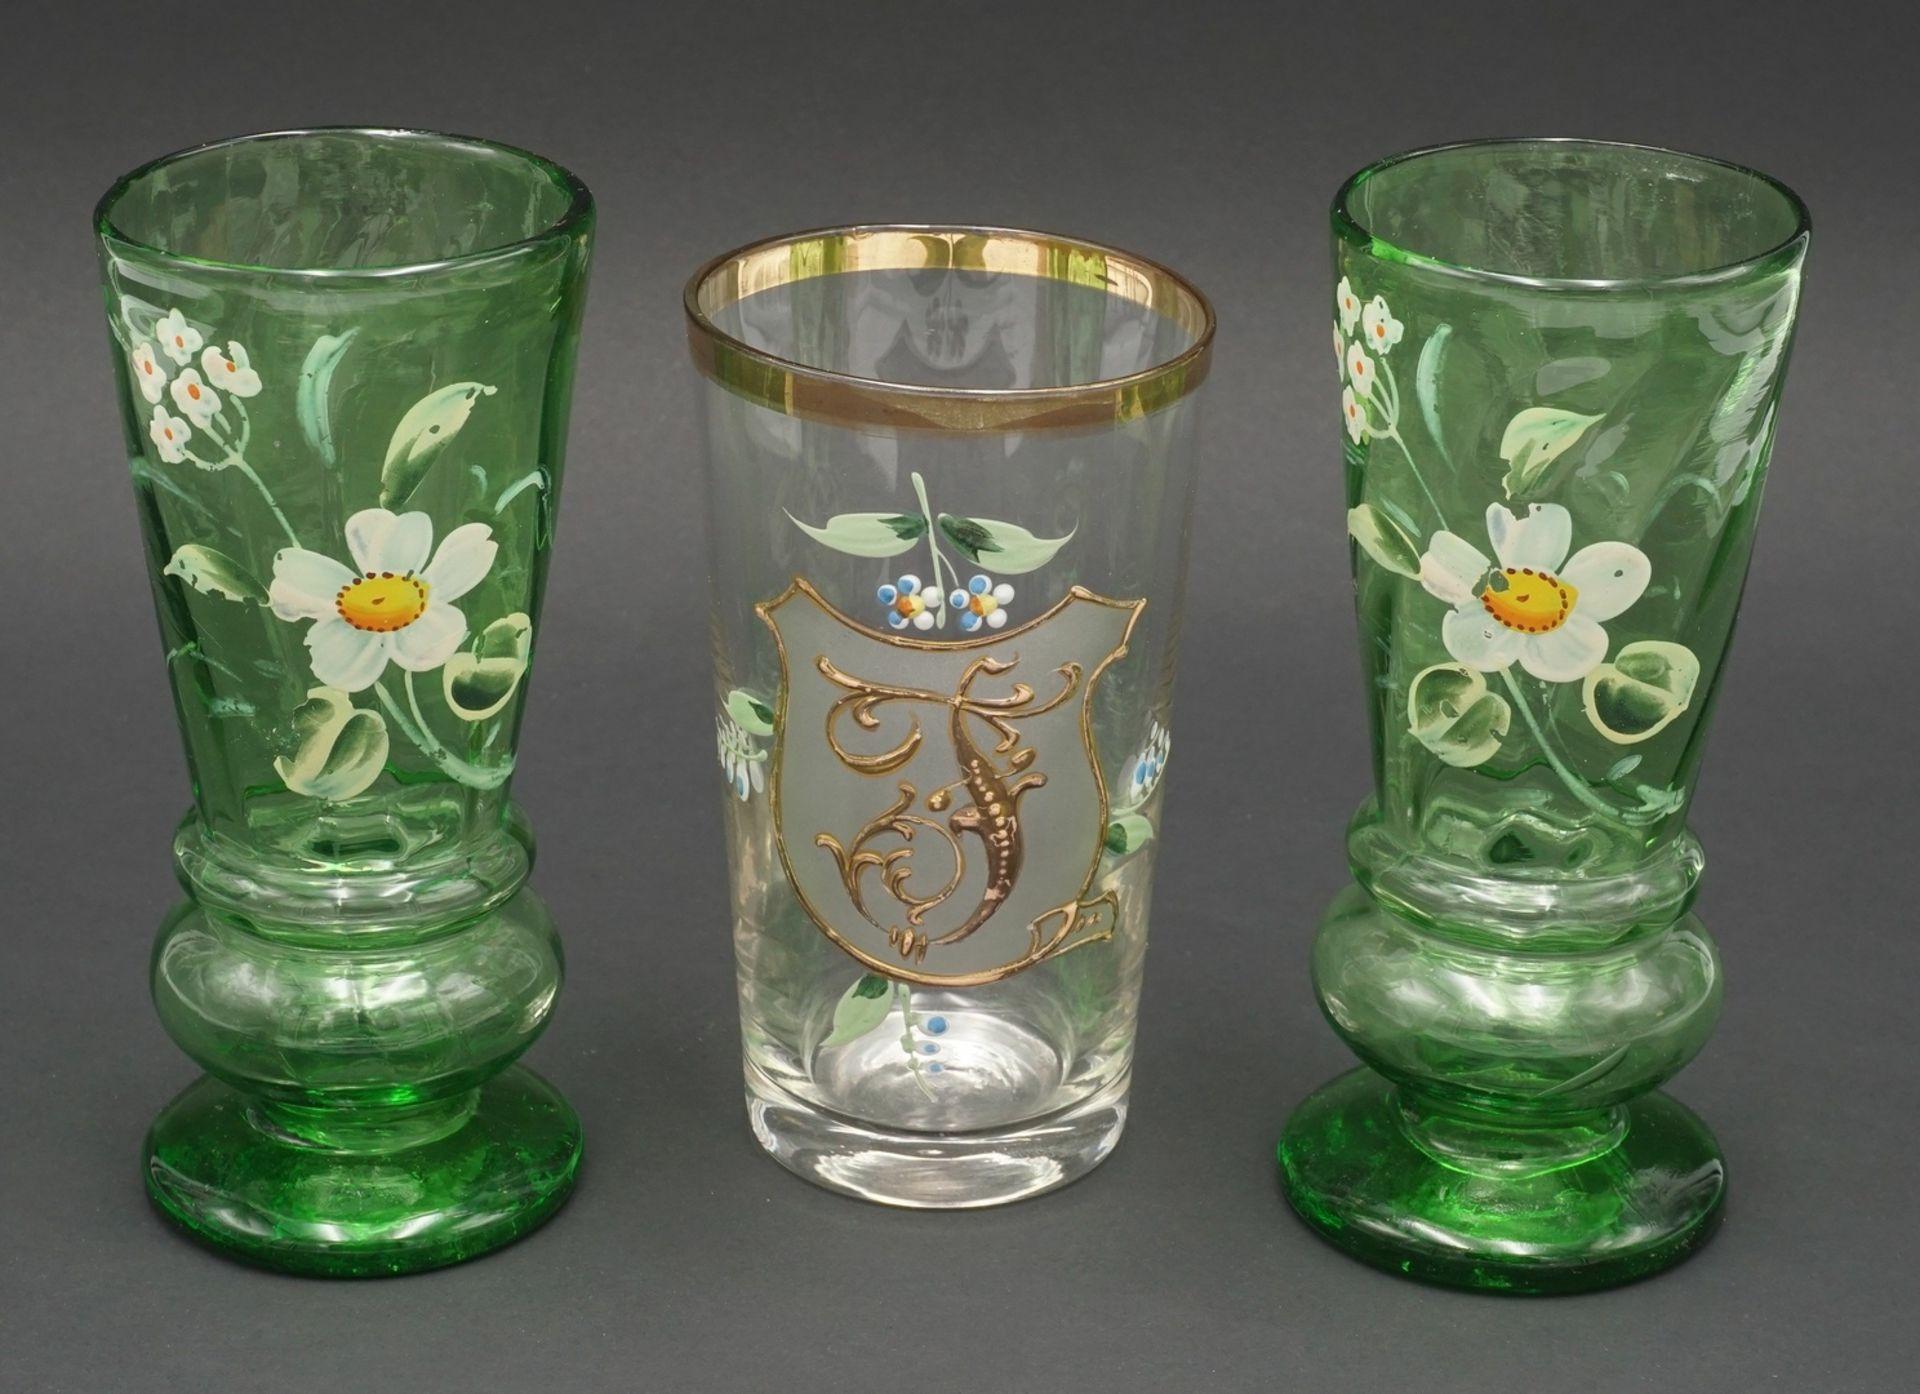 Sechs Gläser, um 1900 - Bild 4 aus 4